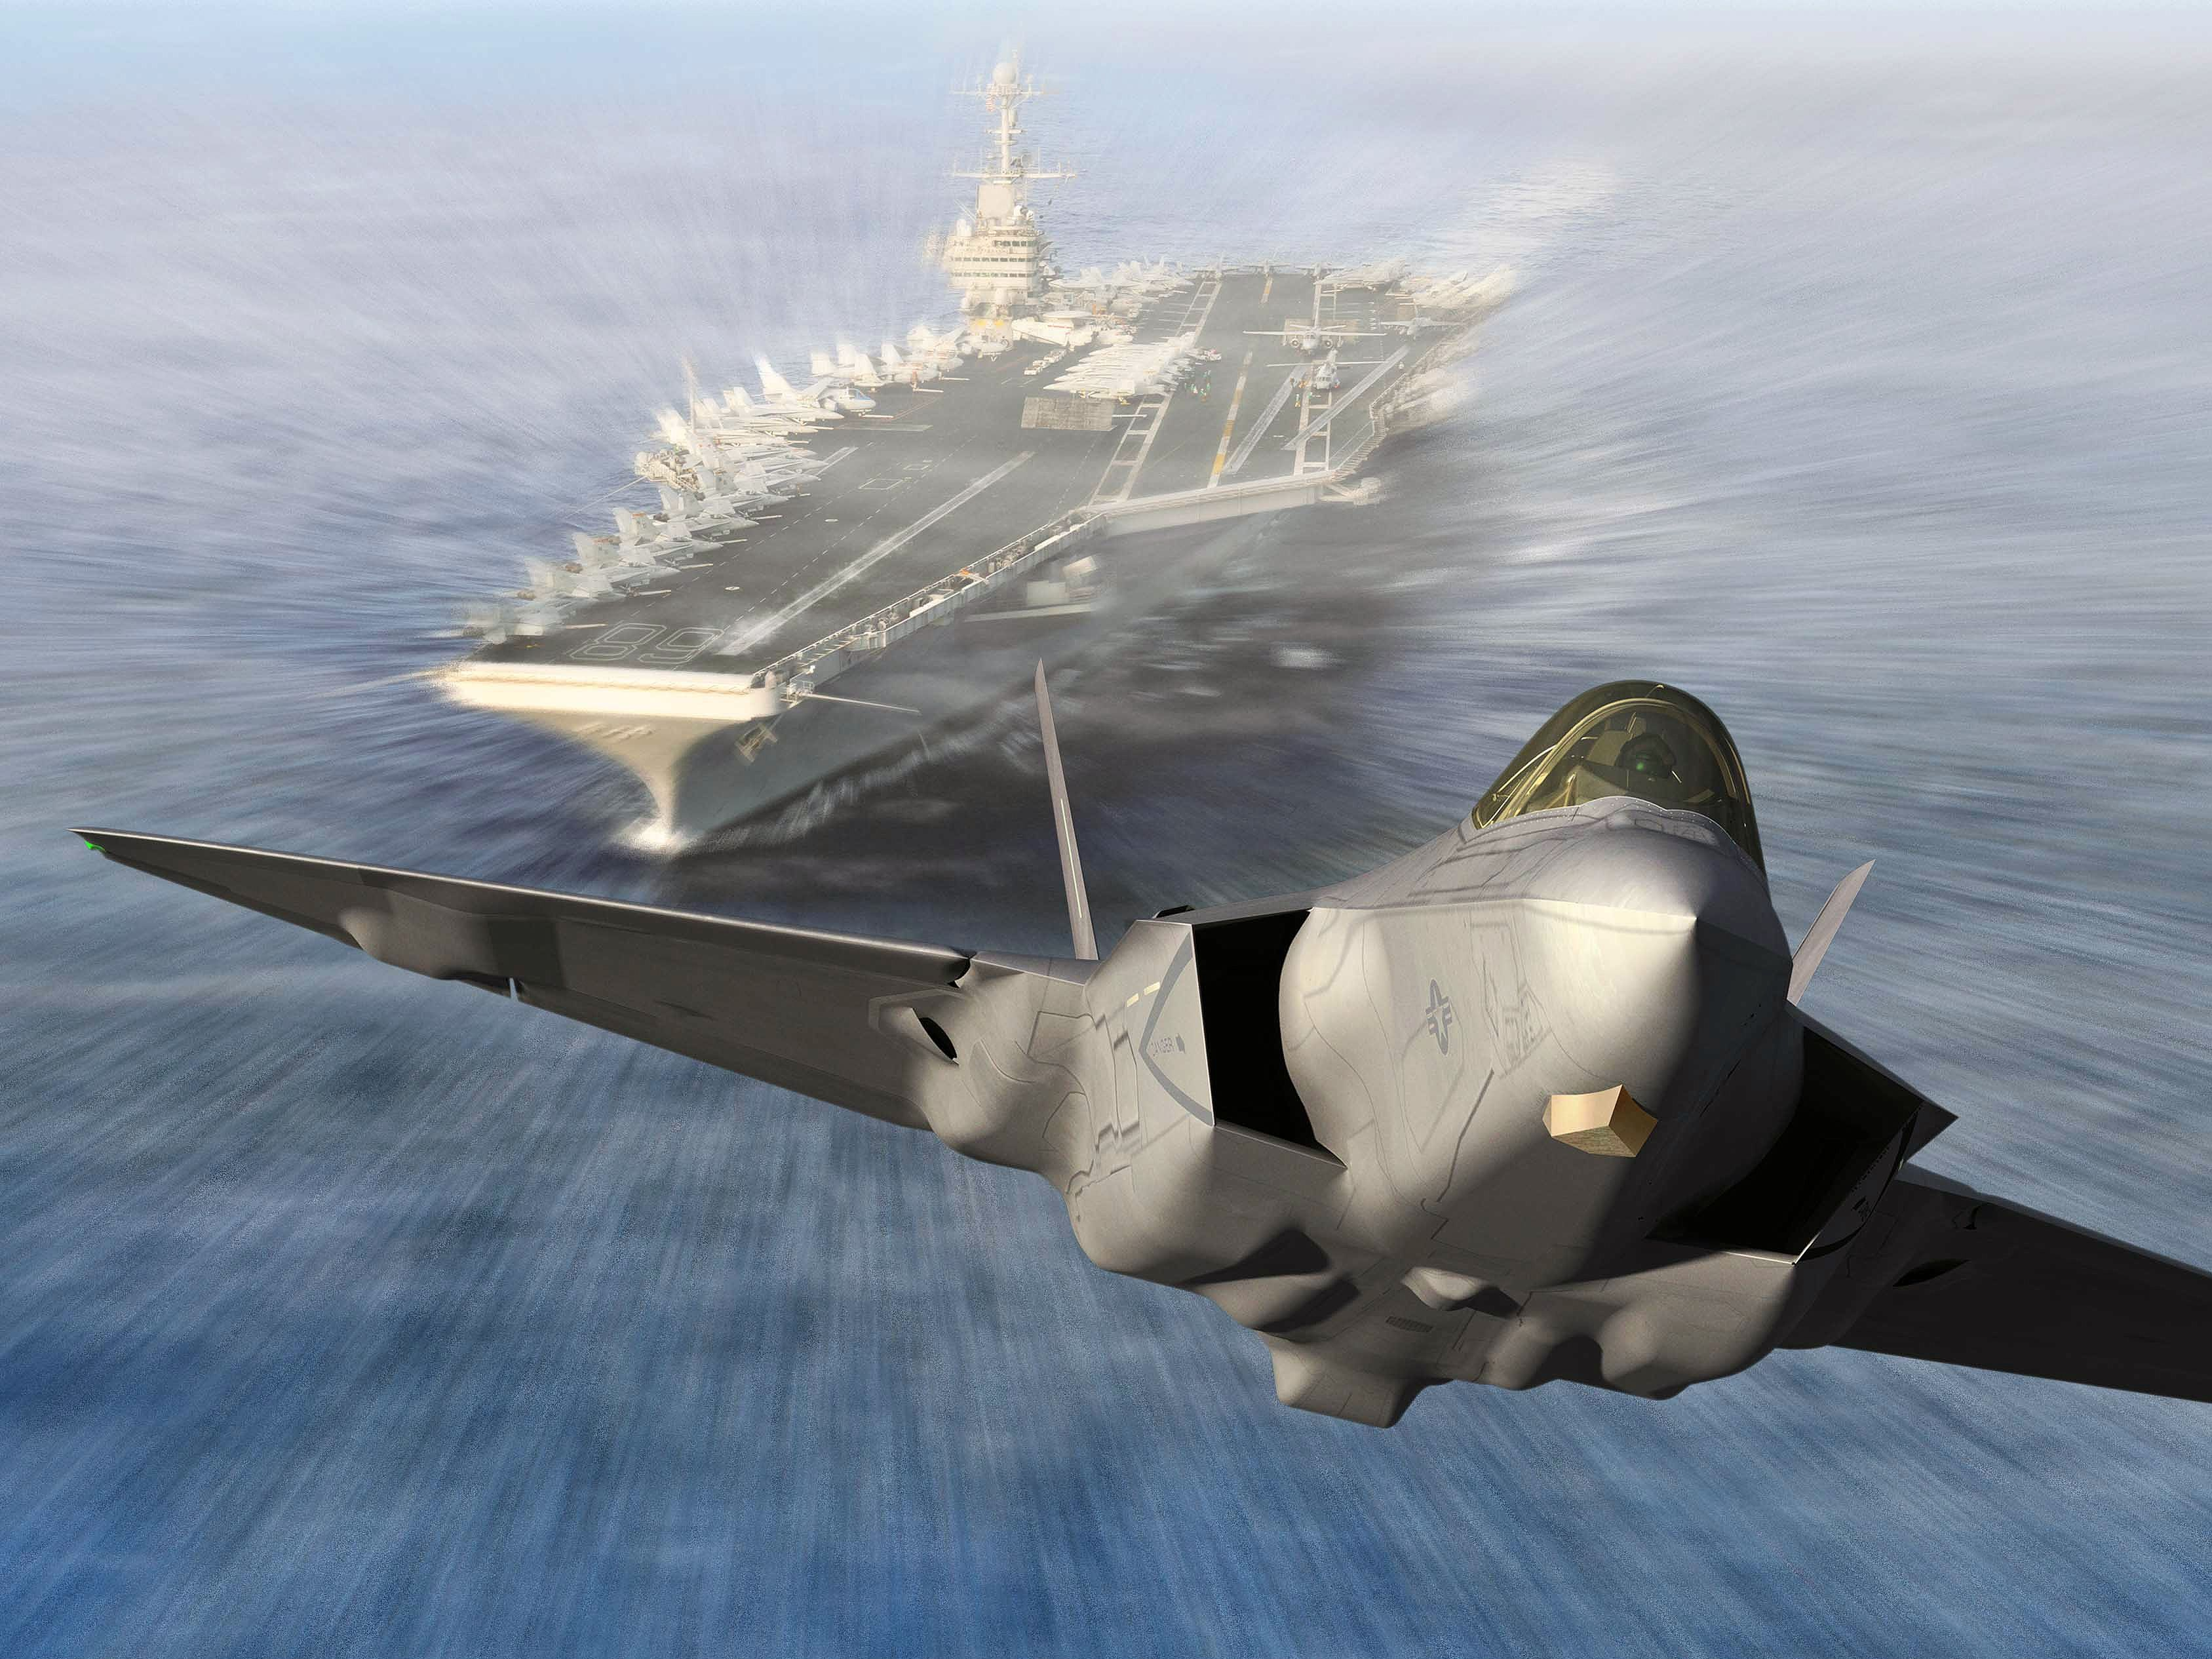 Обои «лайтнинг» ii, F-35, Lockheed, Самолёт. Авиация foto 15